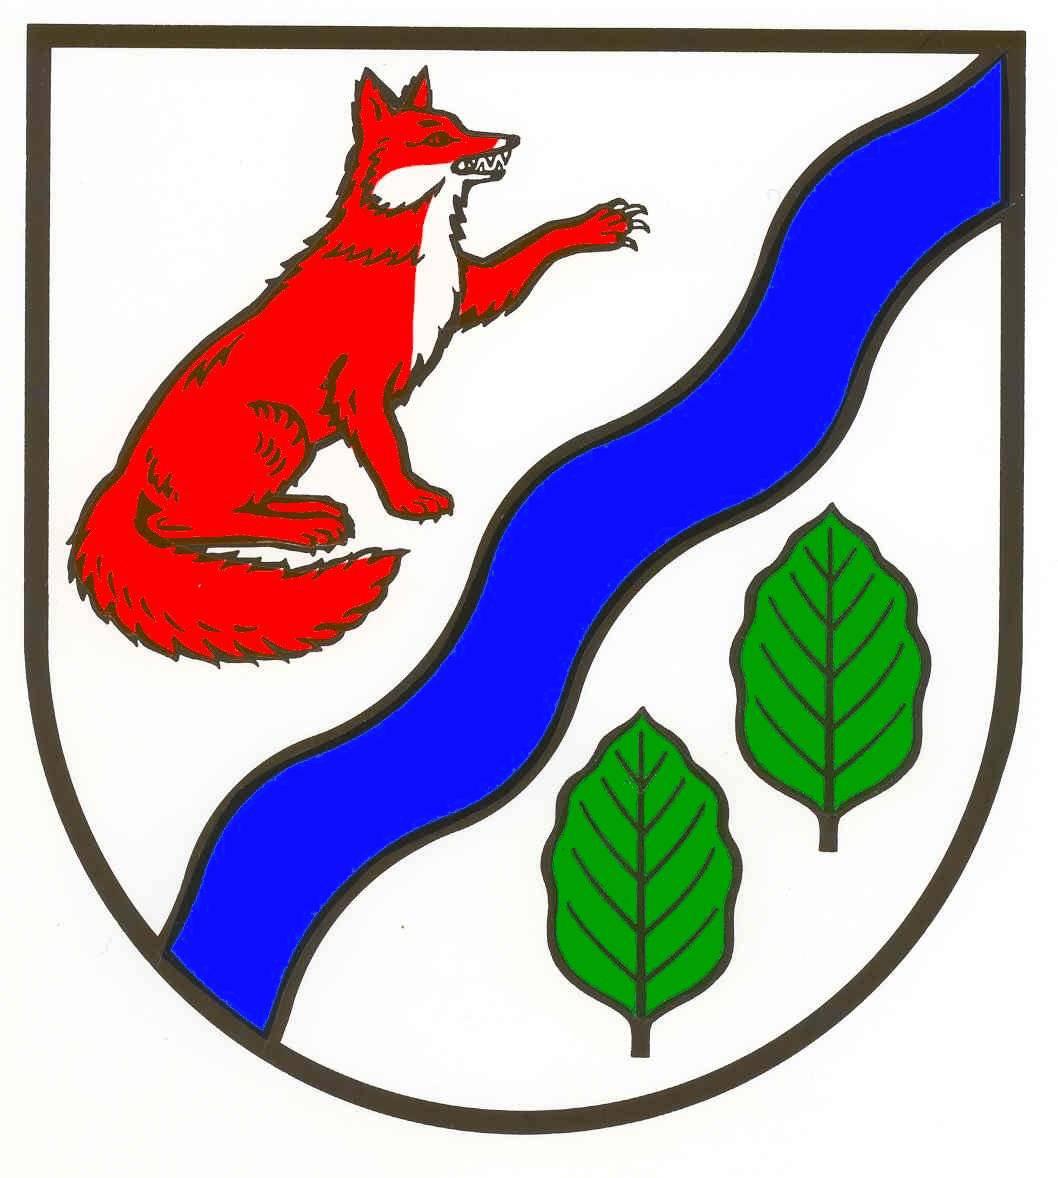 Wappen GemeindeBokholt-Hanredder, Kreis Pinneberg